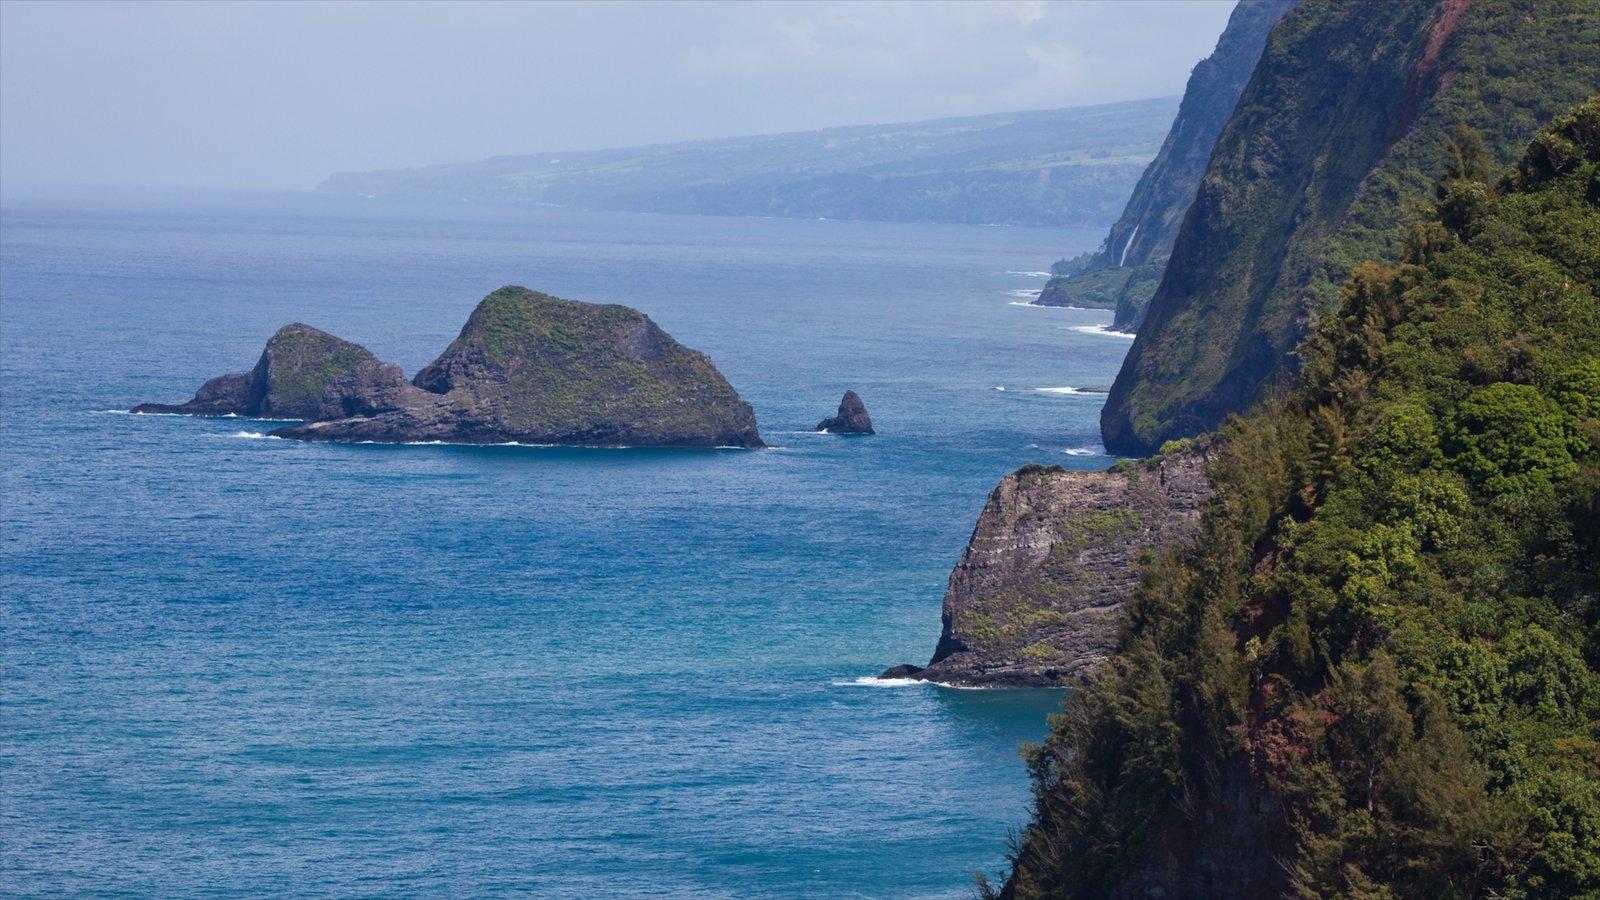 Hawai que incluye vistas de paisajes y costa escarpada